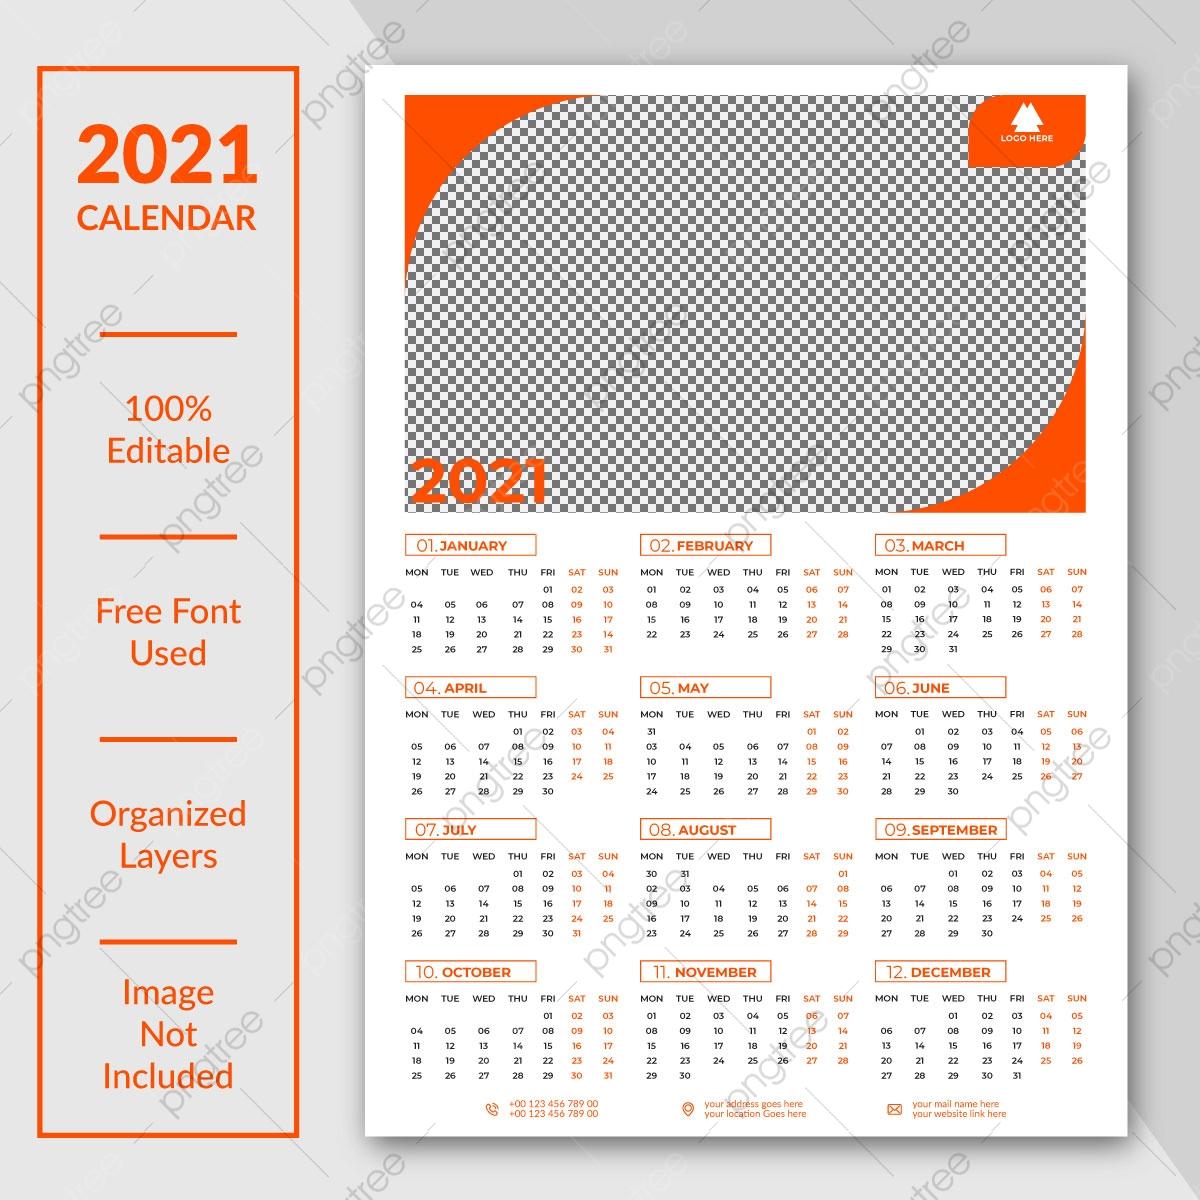 التقويم في صفحة واحدة Png الصور | ناقل و Psd الملفات | تحميل regarding Calendar 2021 Aramco